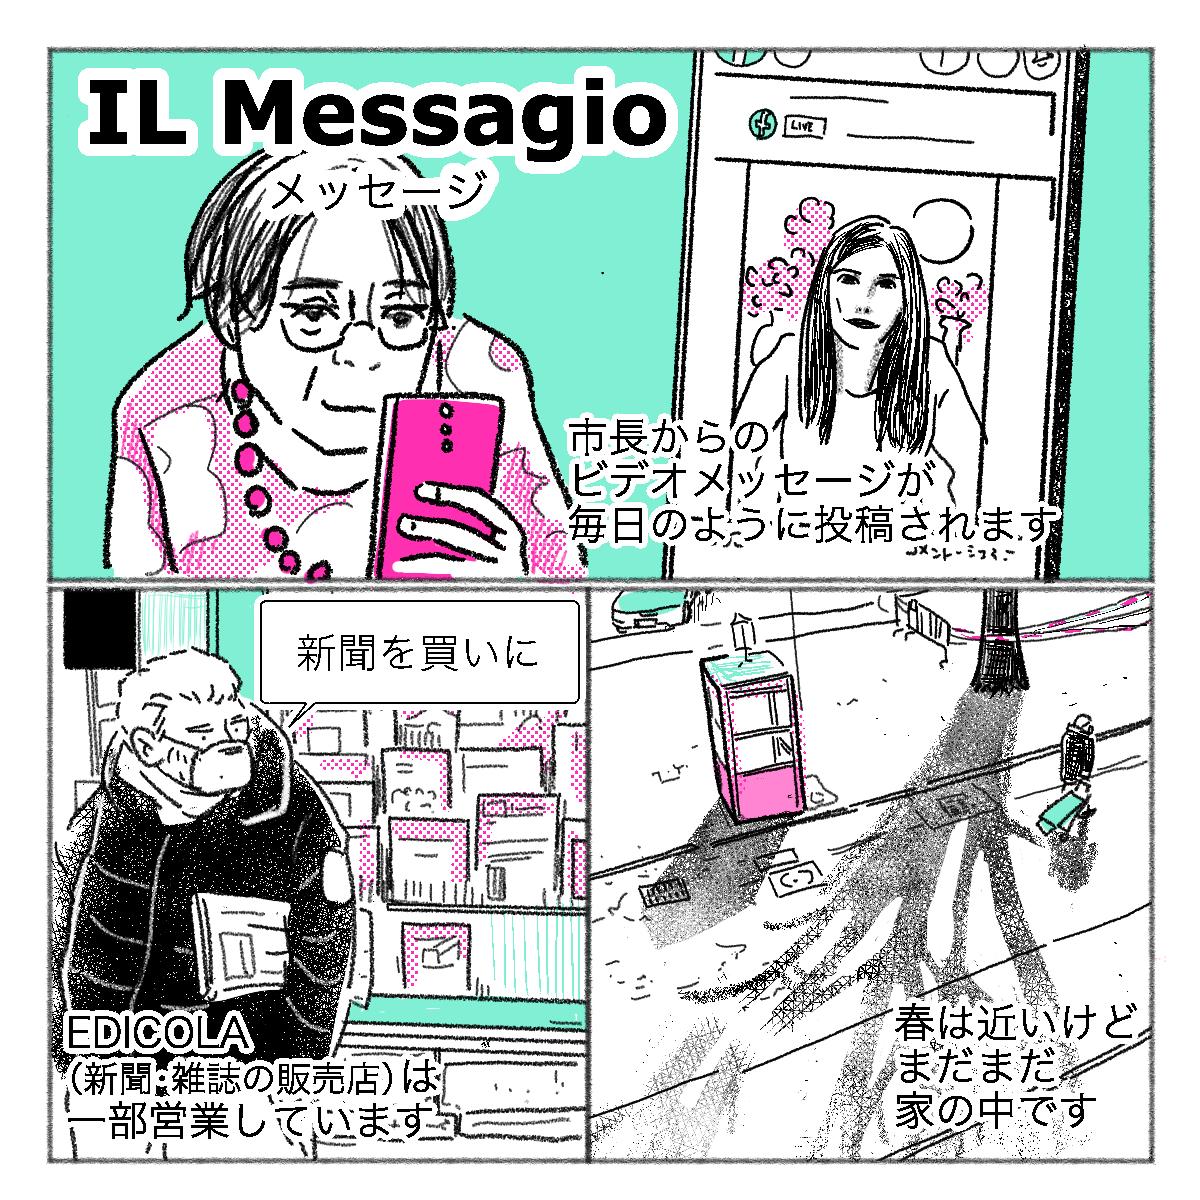 イタリアの現在の様子を説明したイラスト